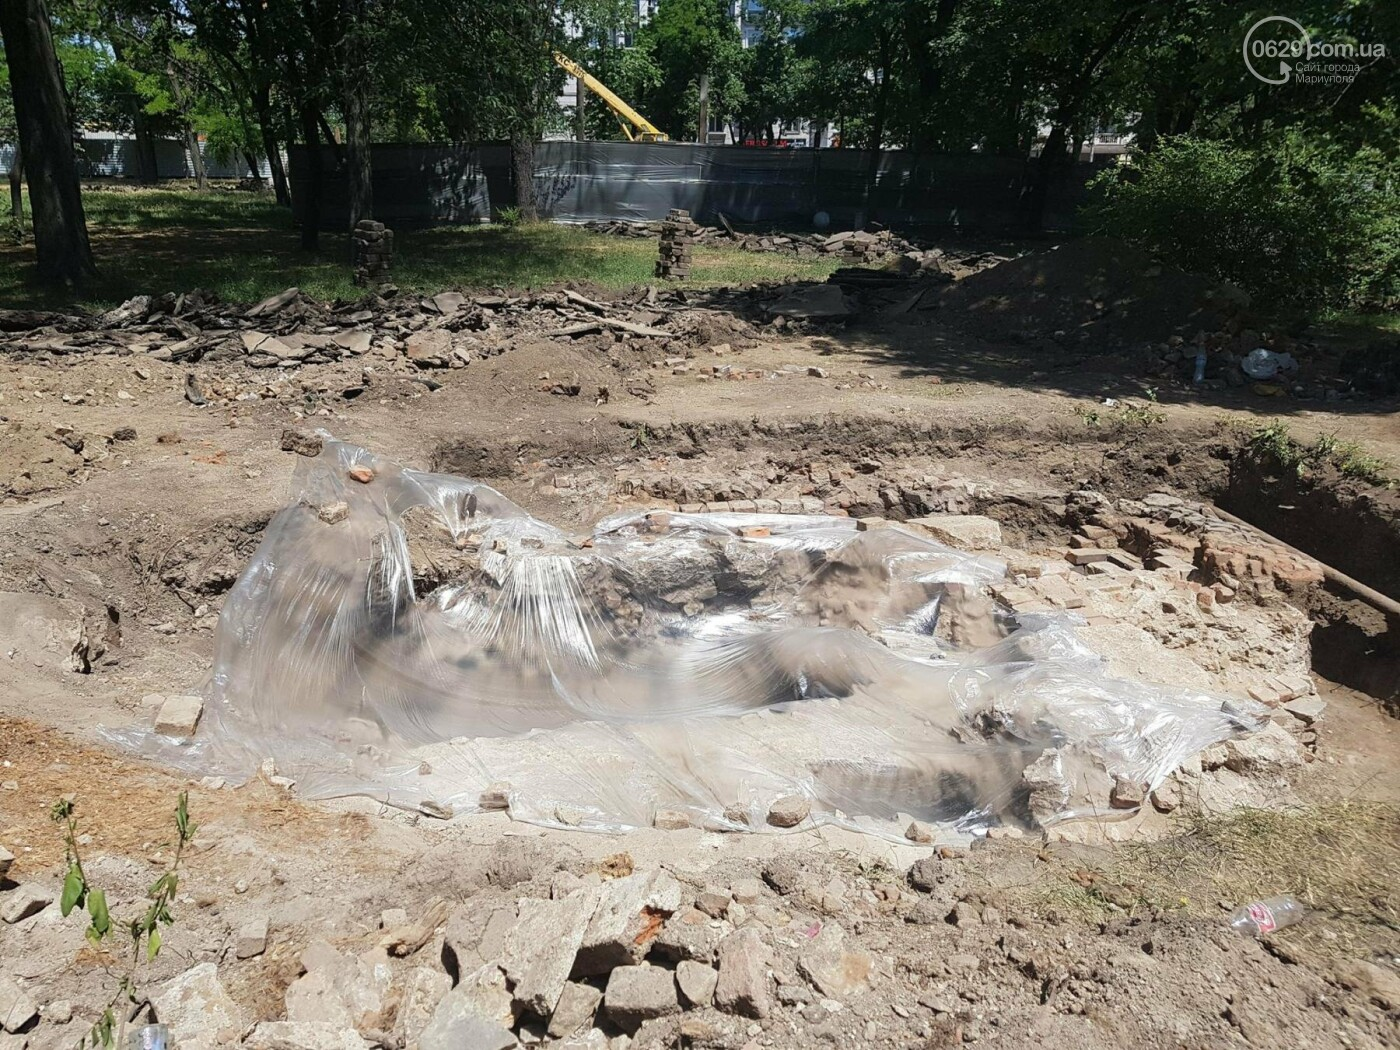 Историк: Остатки храмового комплекса в центре Мариуполя не имеют археологической ценности, - ФОТО, ВИДЕО, фото-7